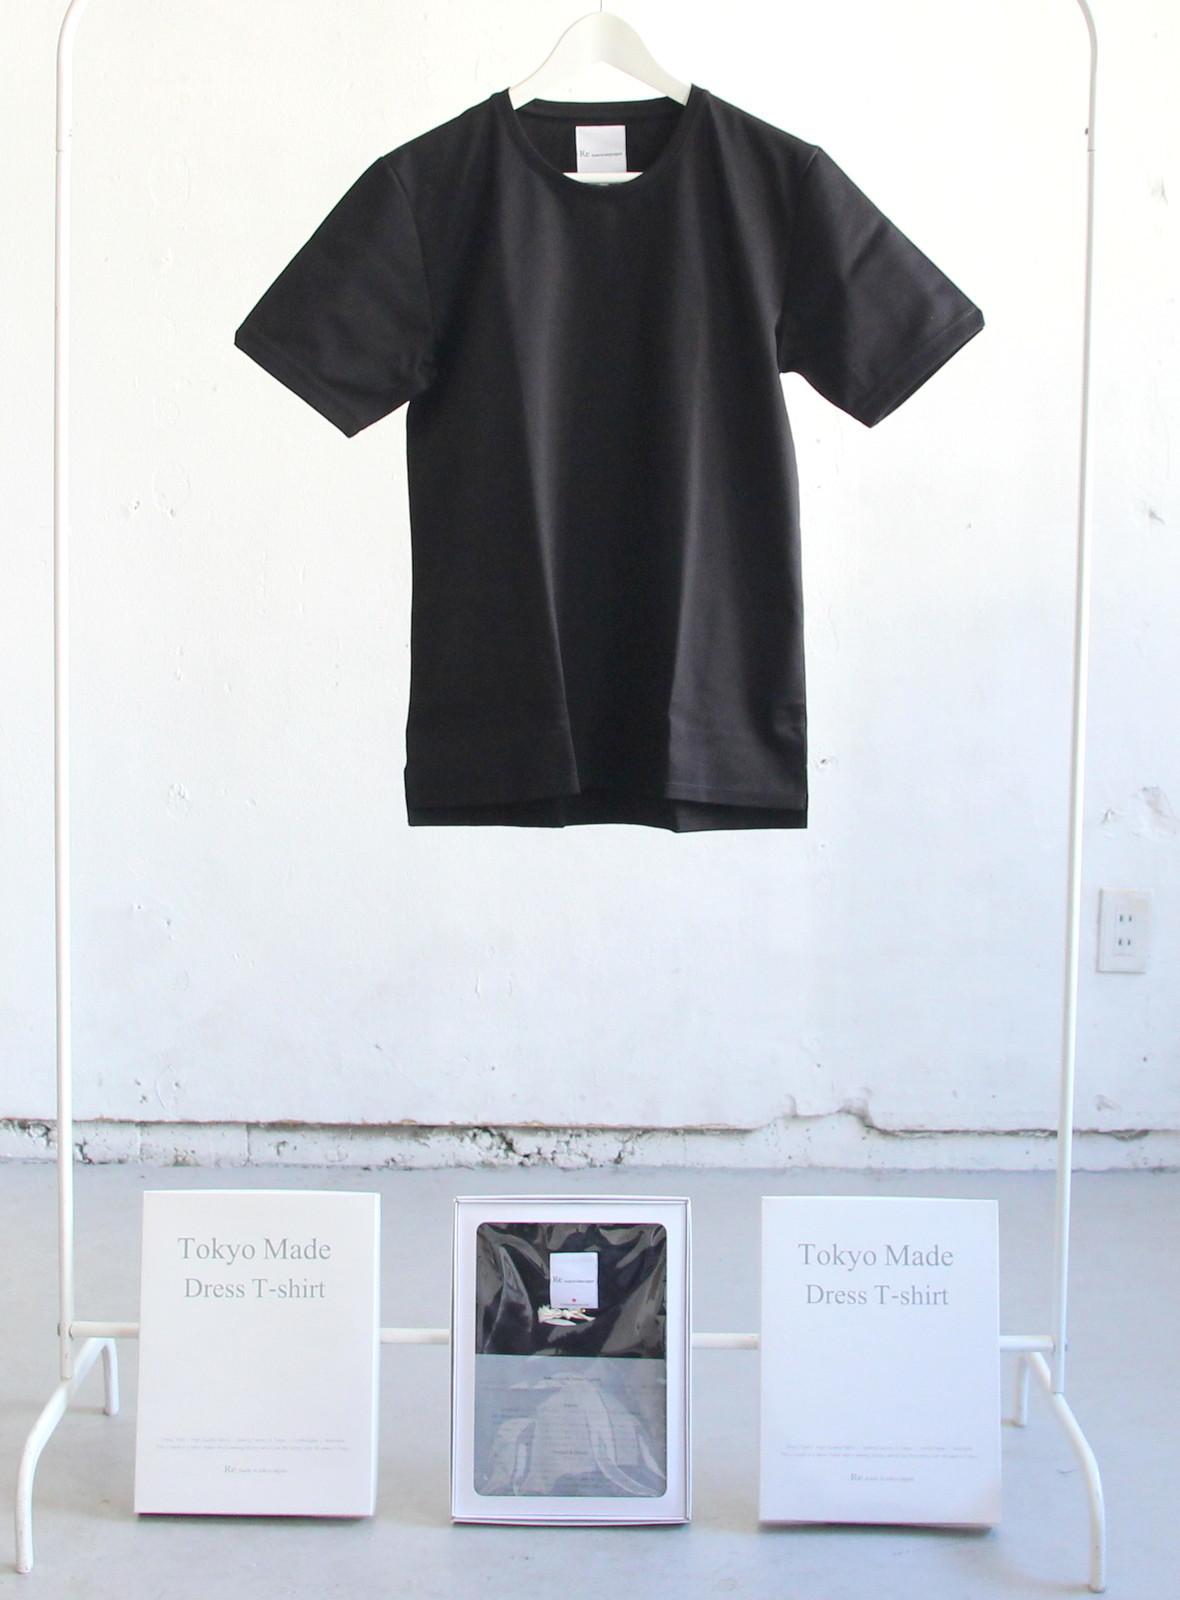 Tokyo Made Dress T-shirt_c0379477_08285658.jpg